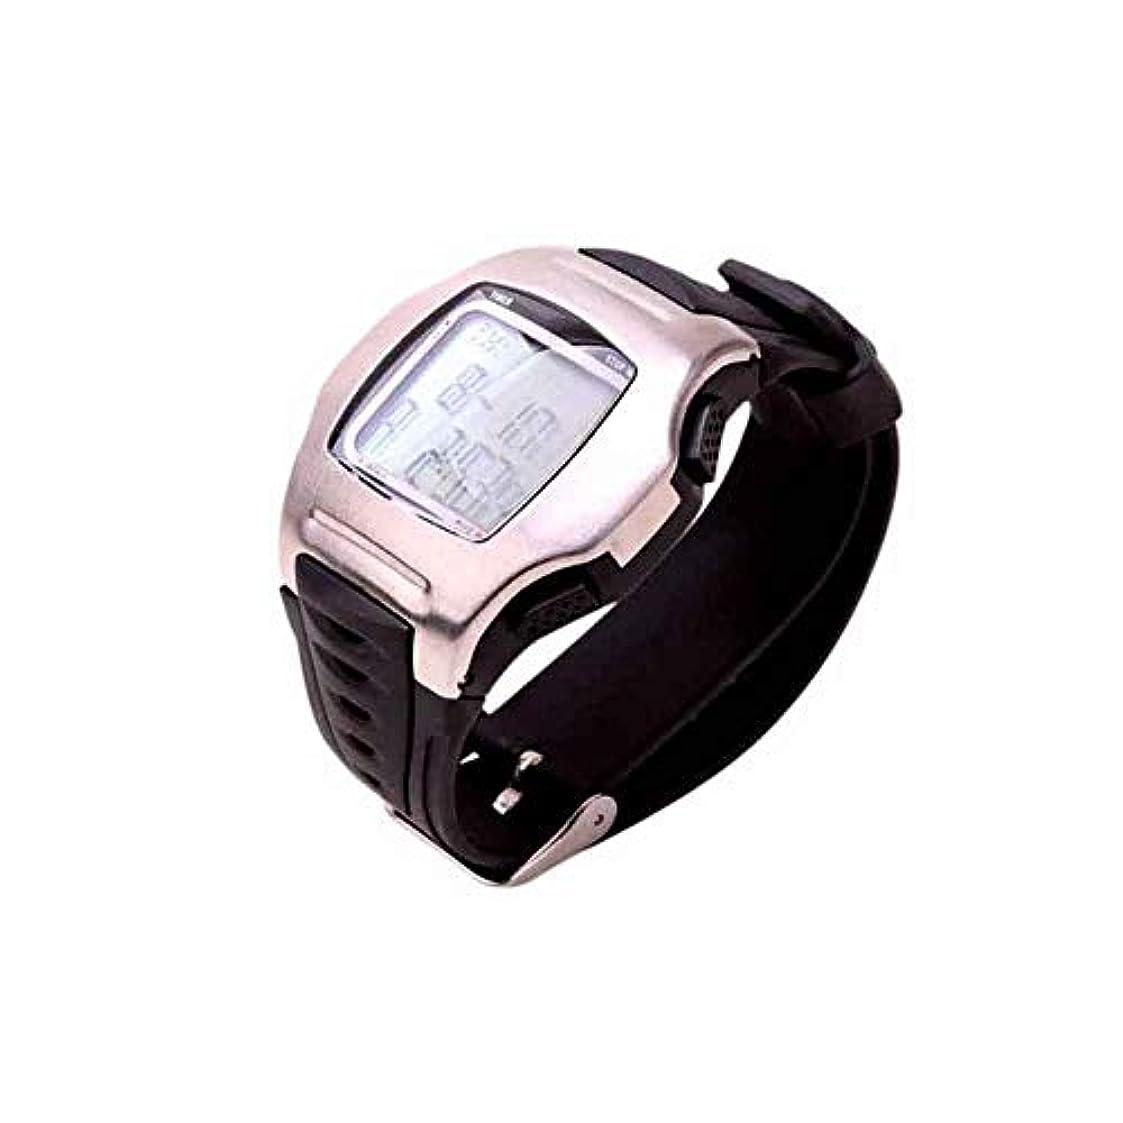 苦寛容写真のHZHIYU01 ストップウォッチ、フットボールコーチ、専用電子ストップウォッチ (Color : Pink)